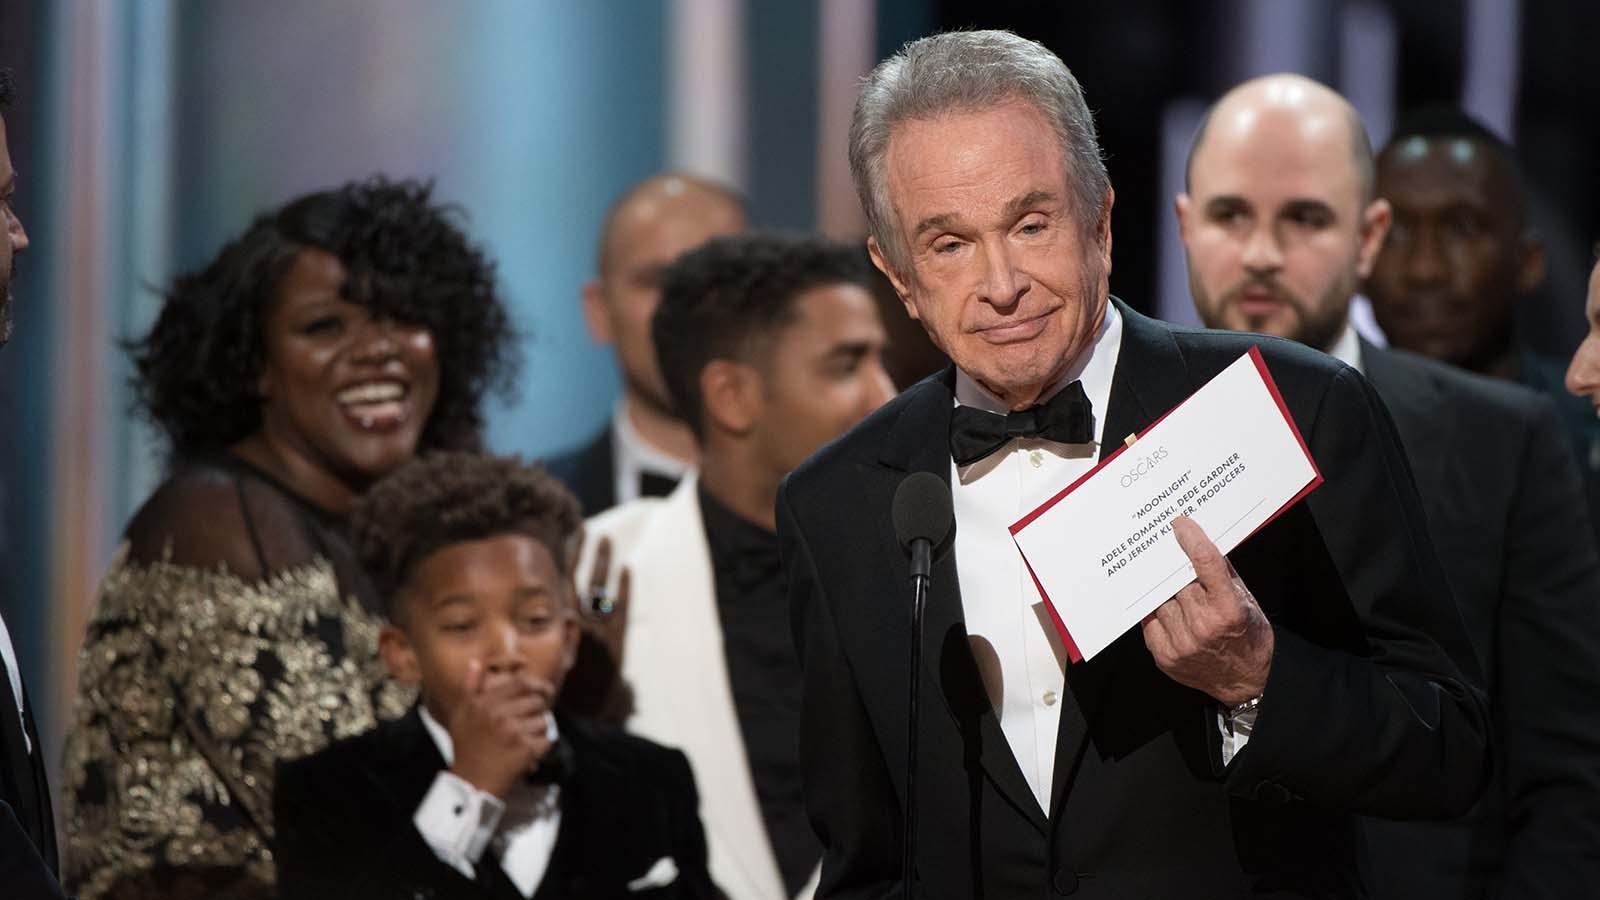 El actor no tuvo más remedio que pedir disculpas y explicar el origen de su error en la entrega. Es el momento más sonado de esta gala de los Oscar 2017.